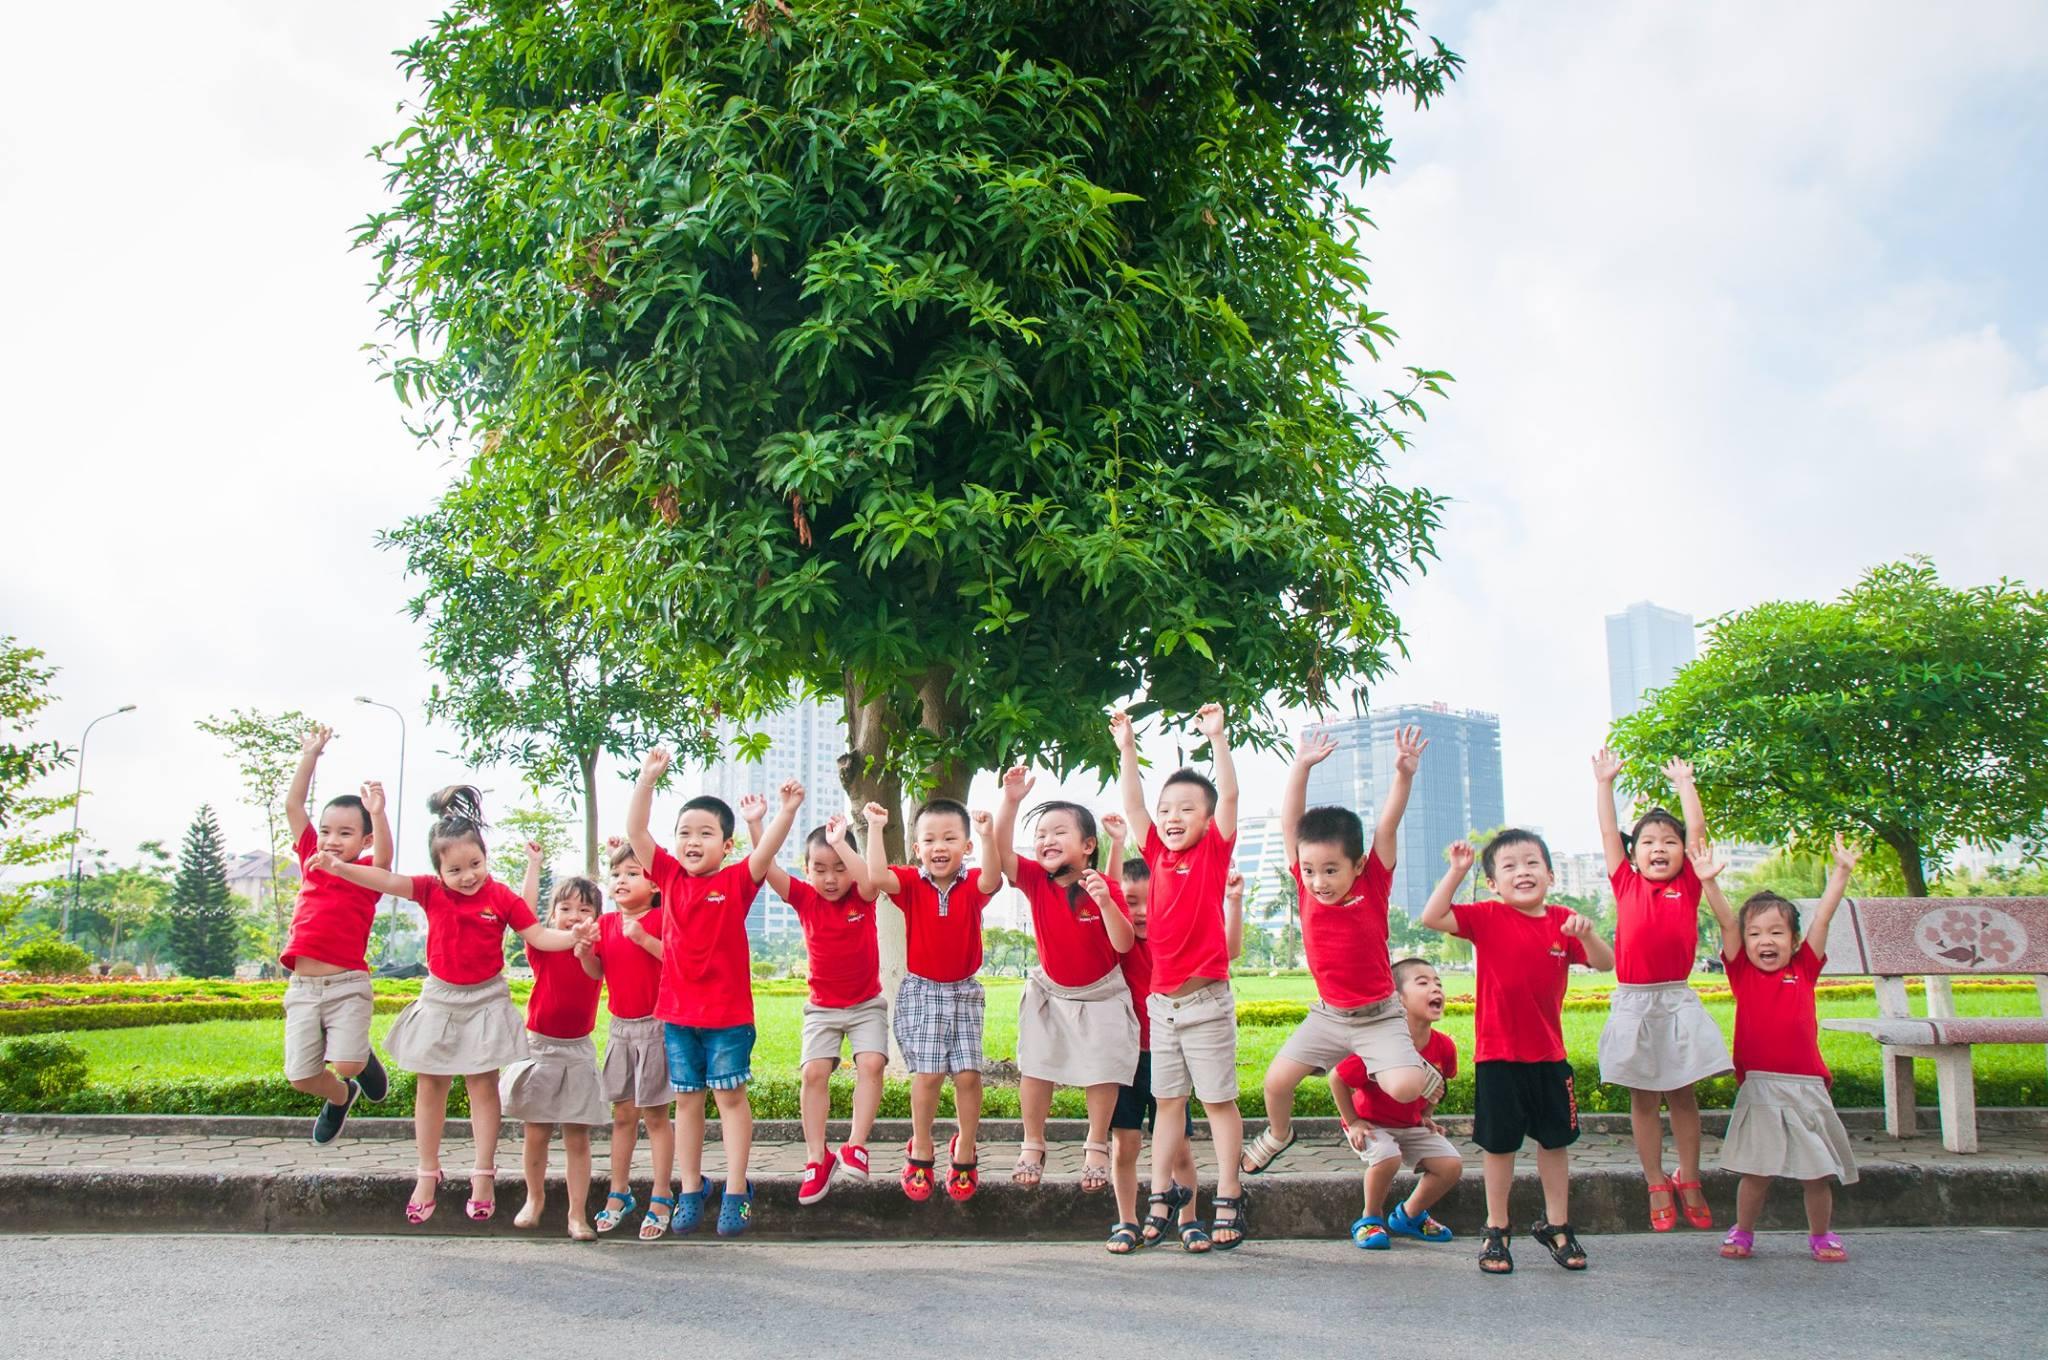 Trường mầm non Lãnh đạo Tương lai (Leader School) - Mỹ Đình 1